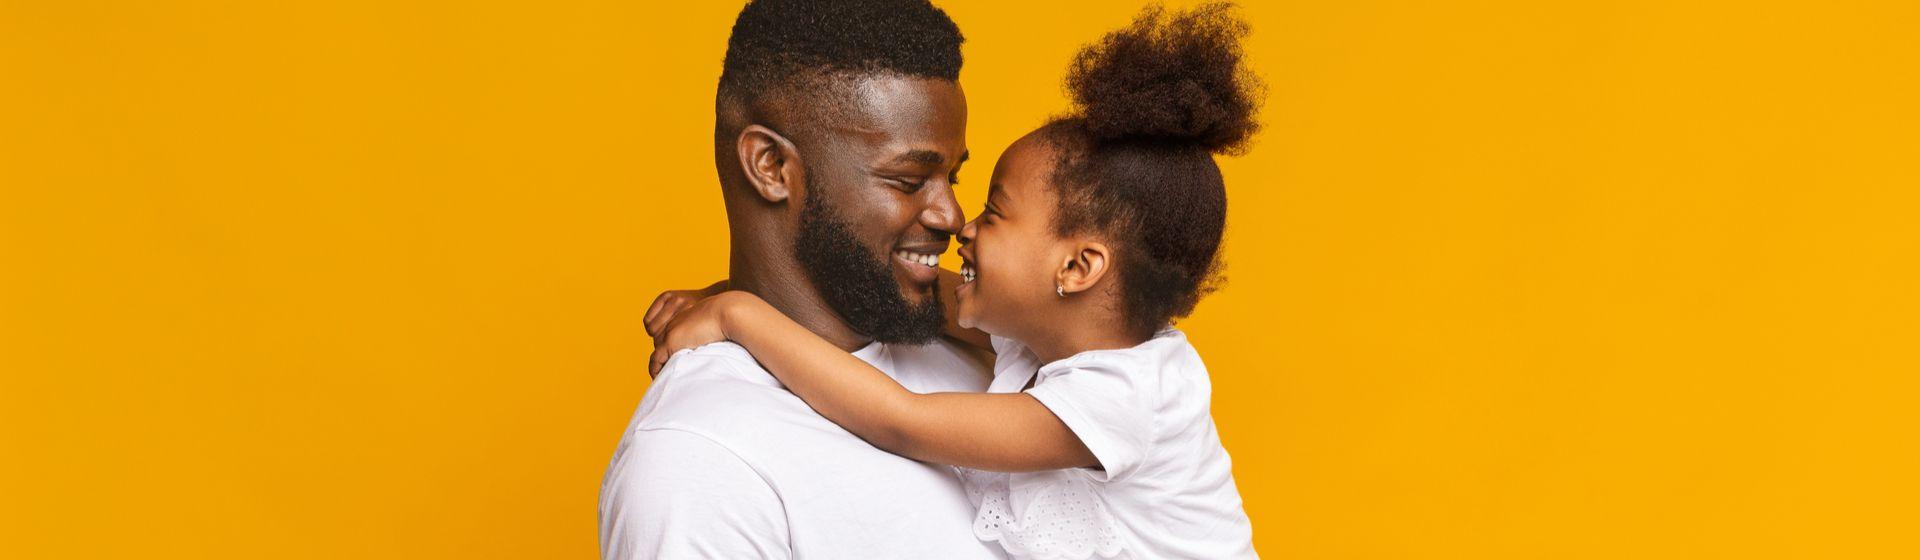 Dia dos Pais 2020: 12 eletroportáteis para presentear na data